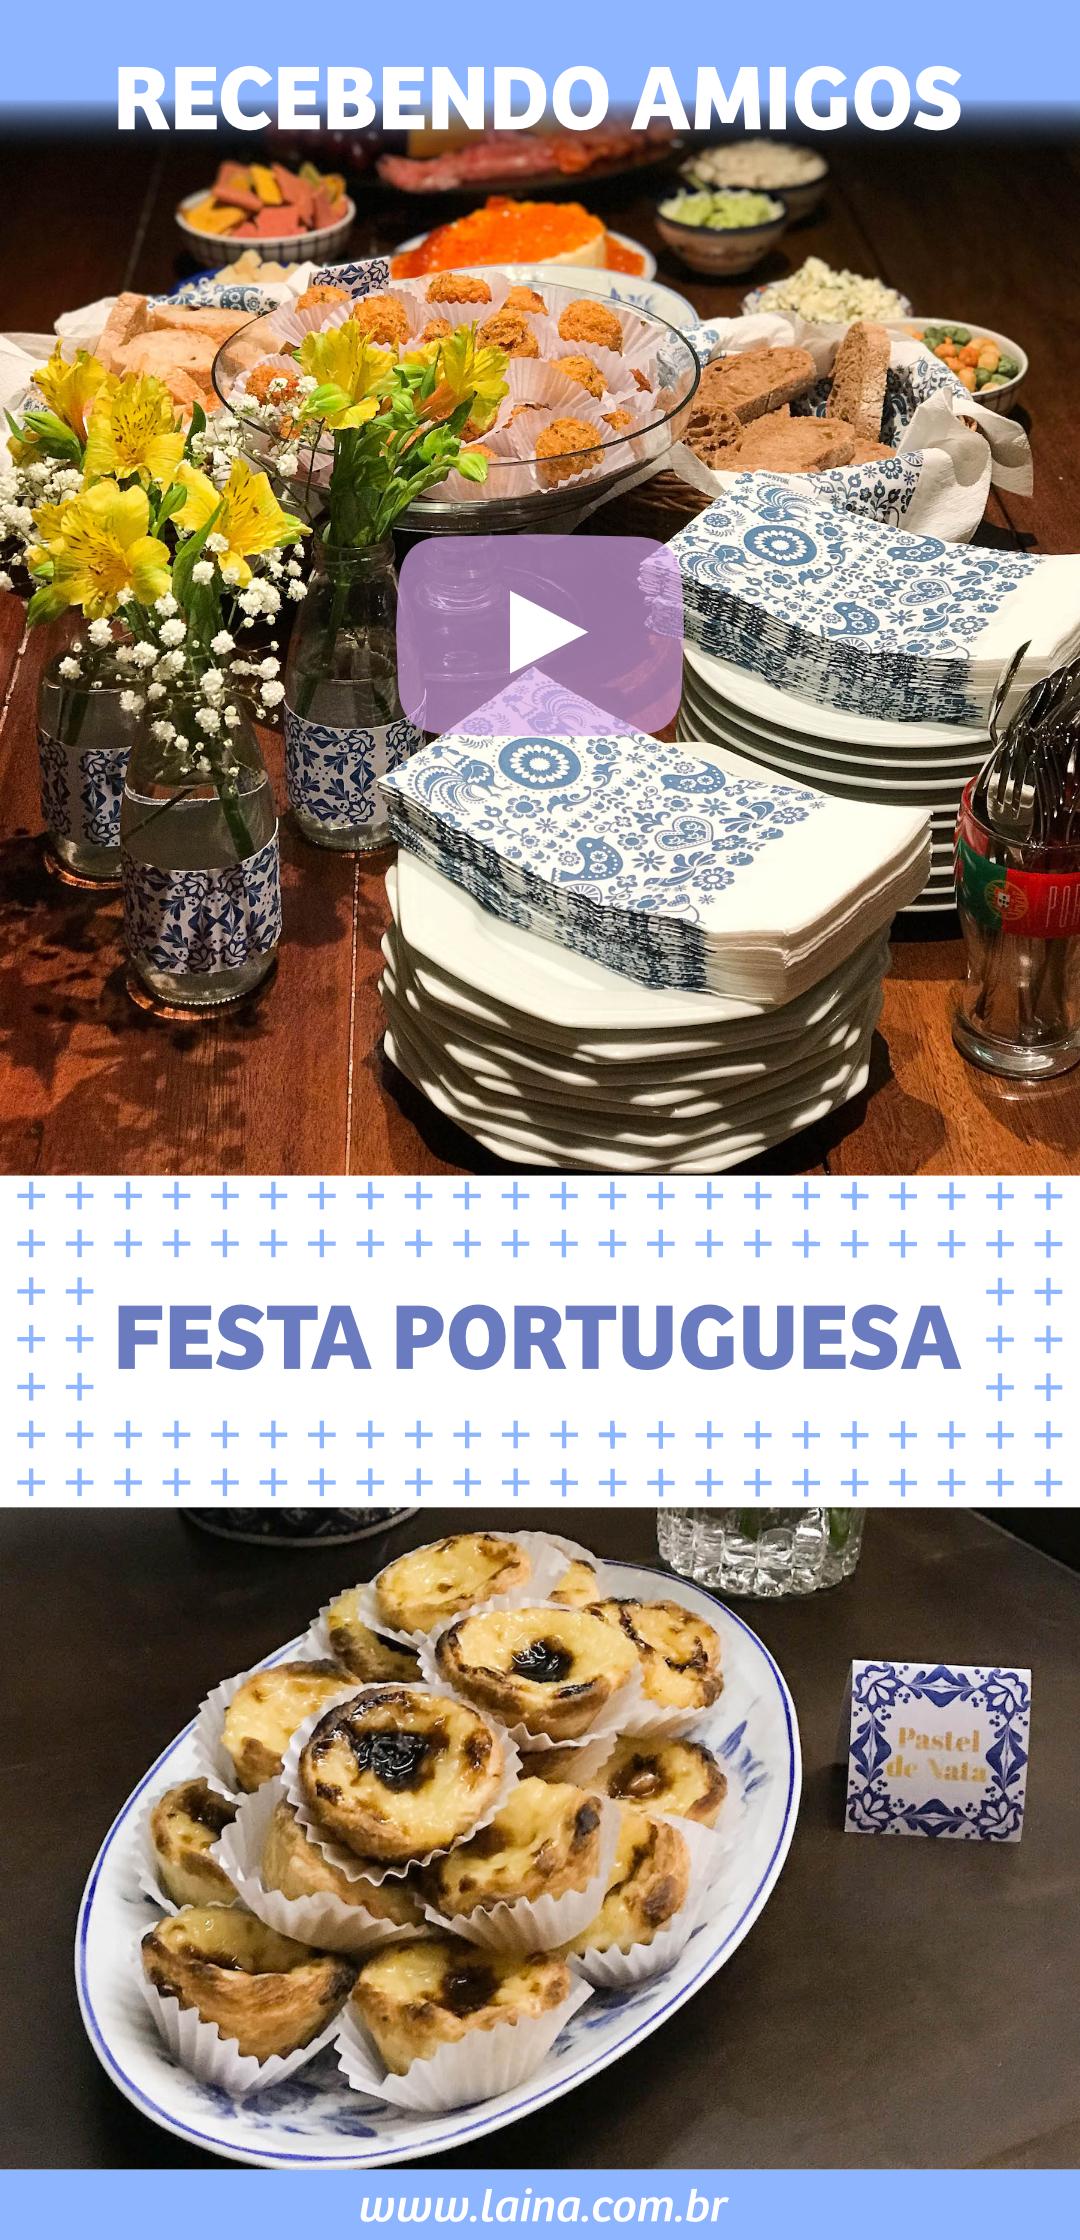 Festa Portuguesa: dicas de decoração e petiscos para receber amigos em casa